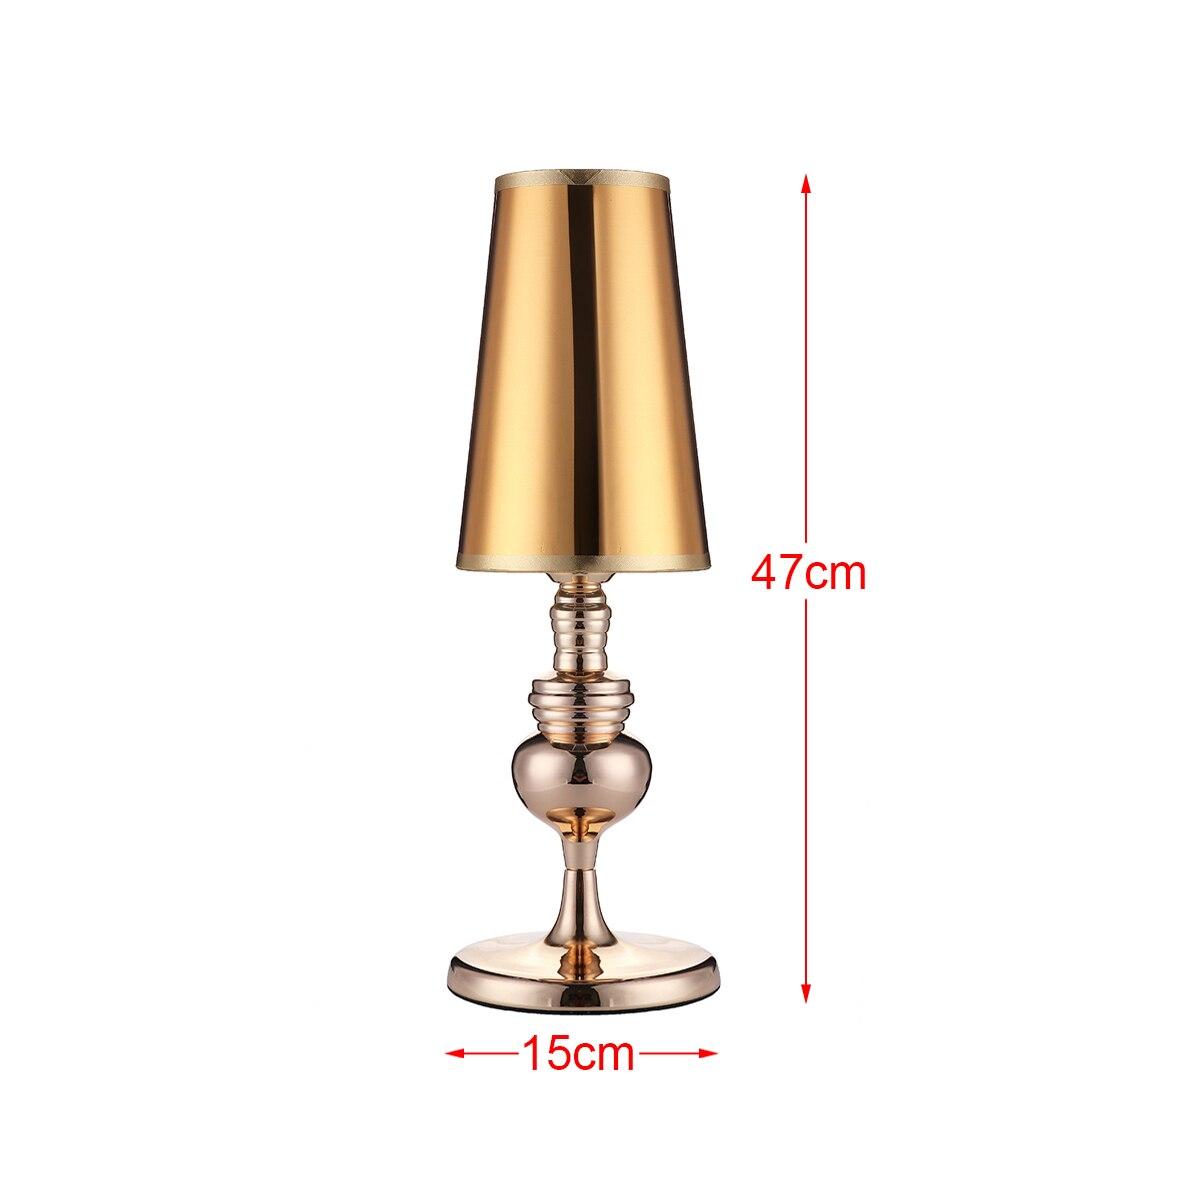 Lampe de chevet de chambre à coucher, lampe de Table cadeau de décoration de la maison lampe de chevet moderne de 47cm de hauteur)